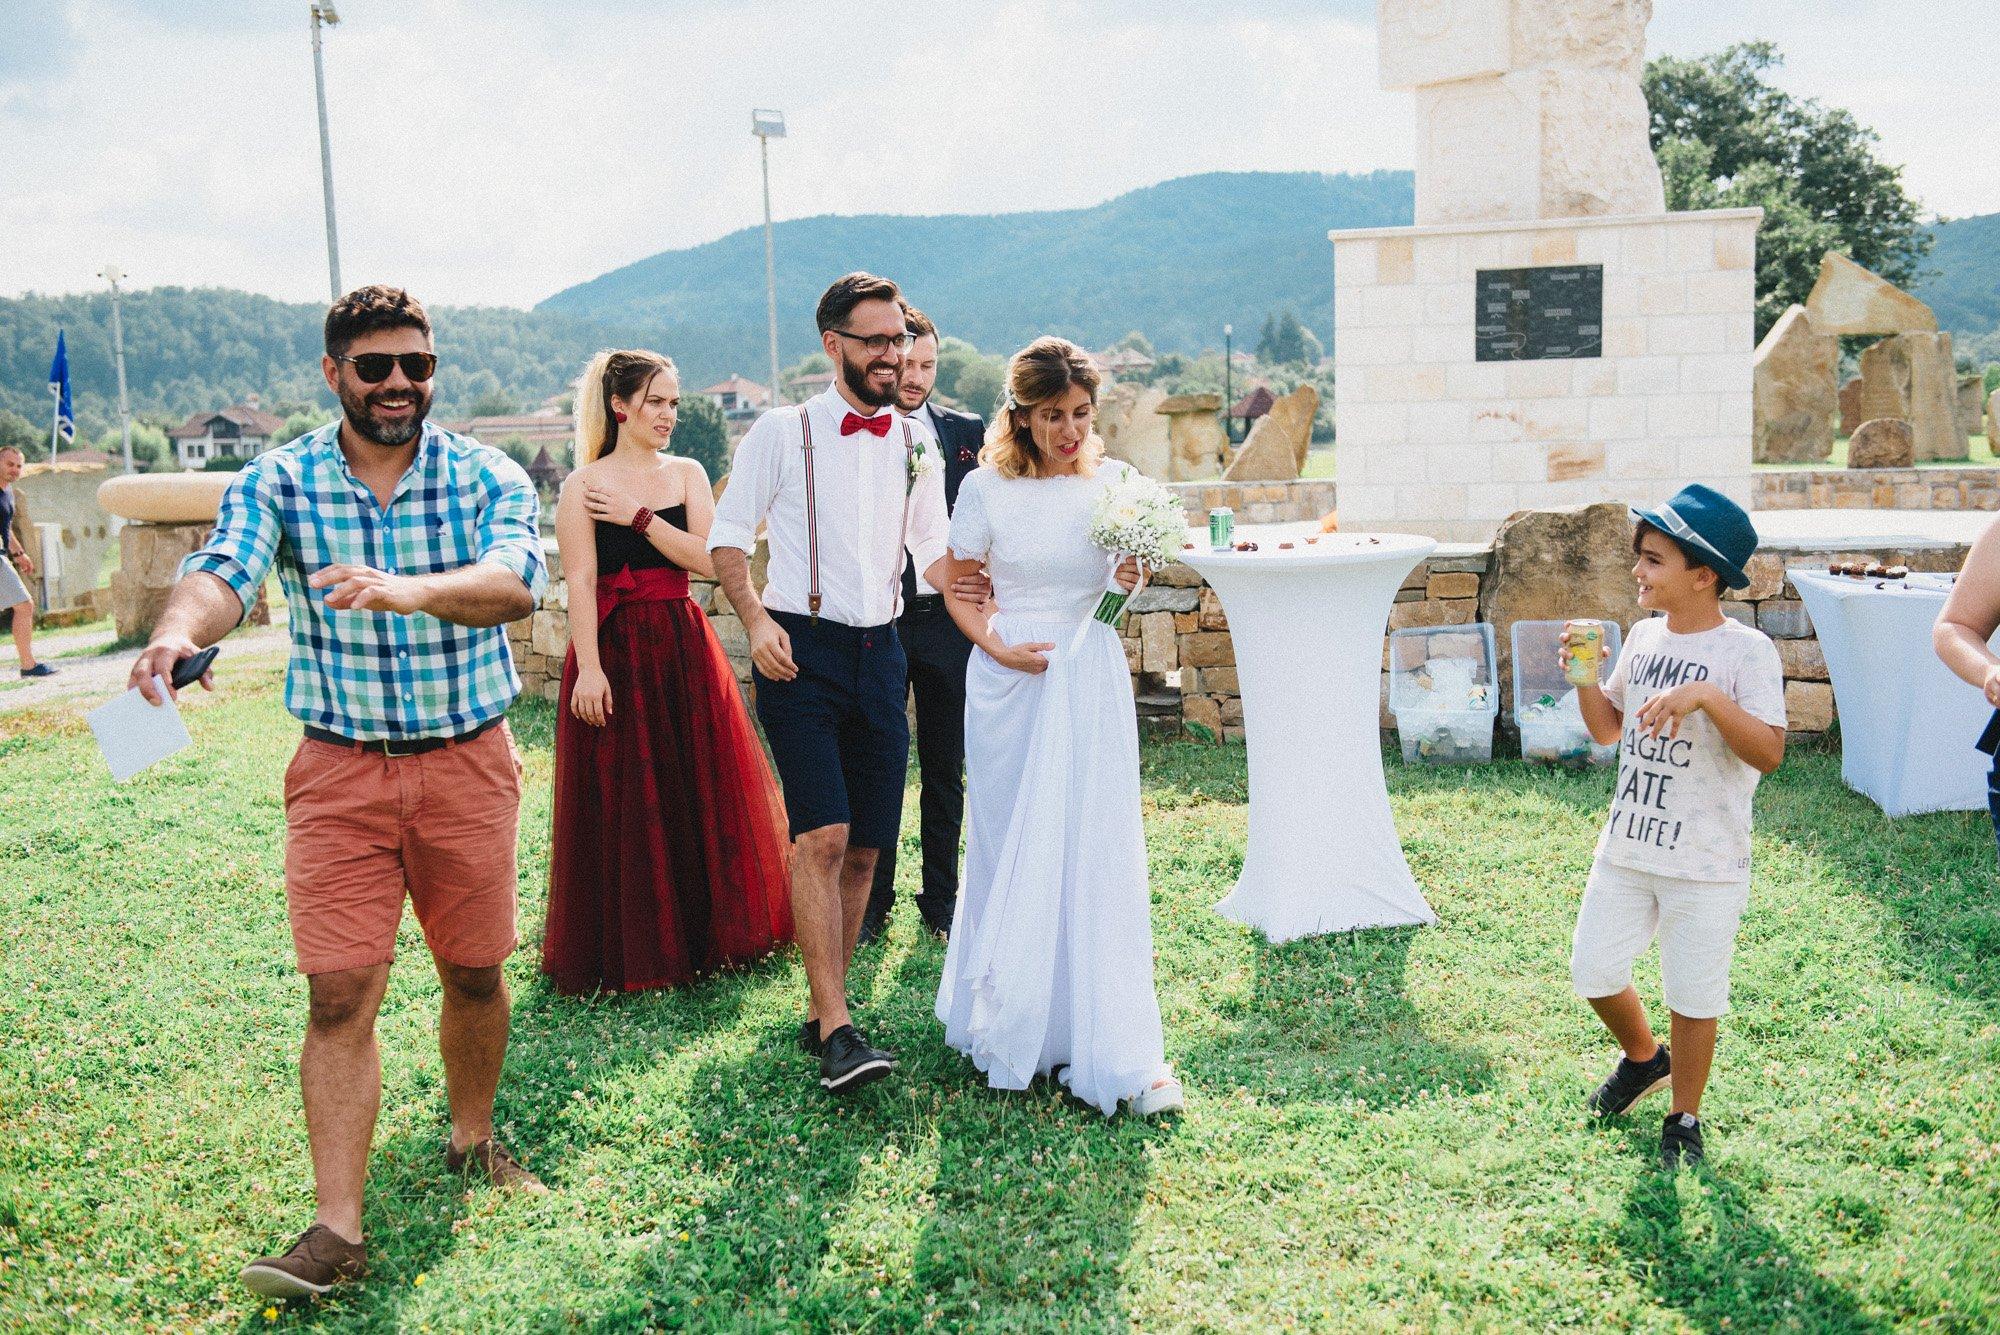 Младоженци и кумове се насочват към брачната арка